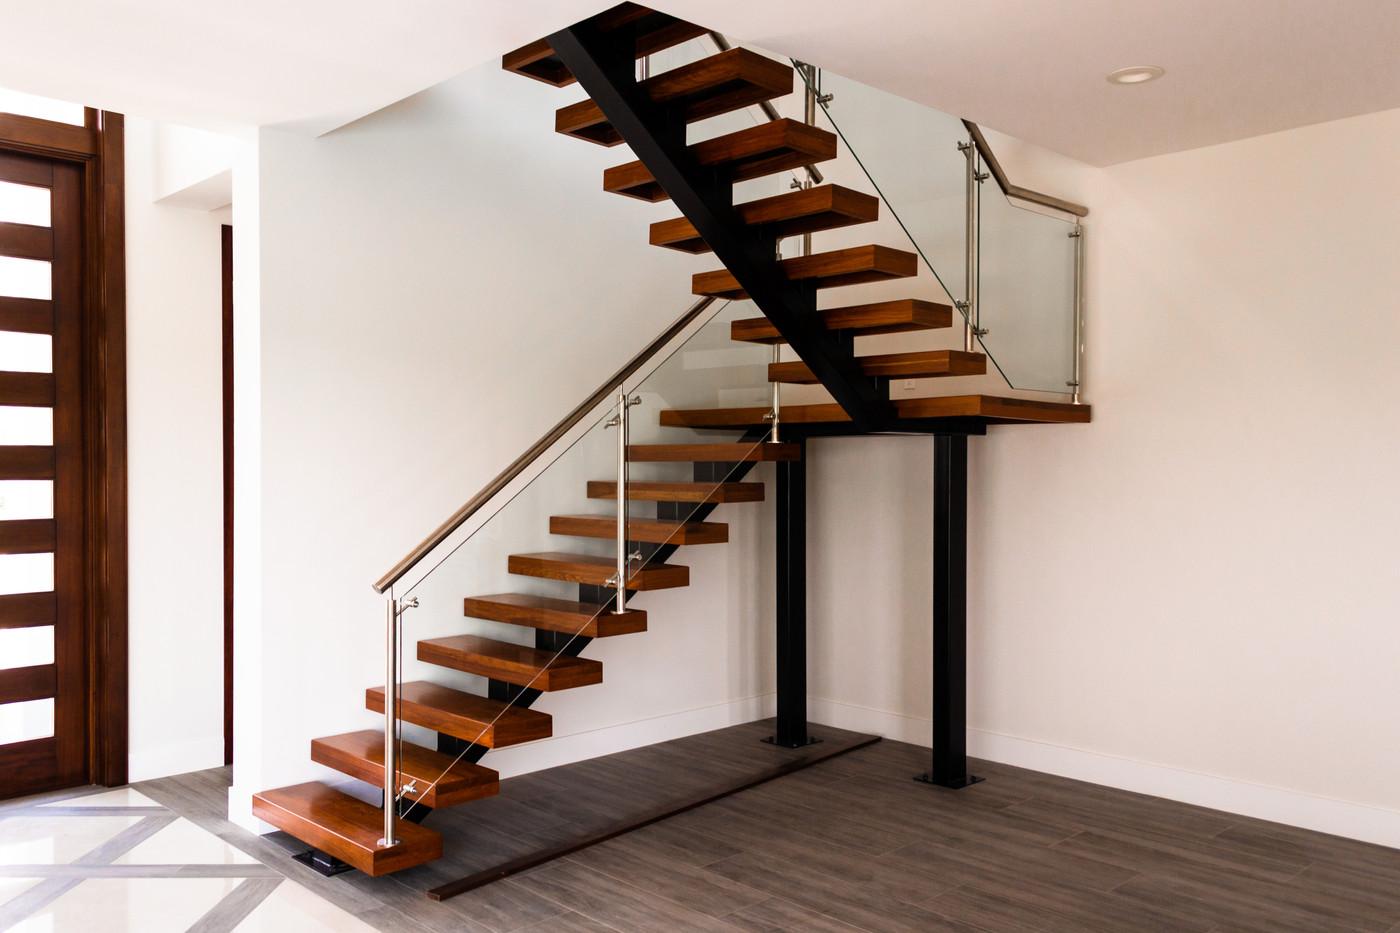 Xanadu-Stairs.jpg